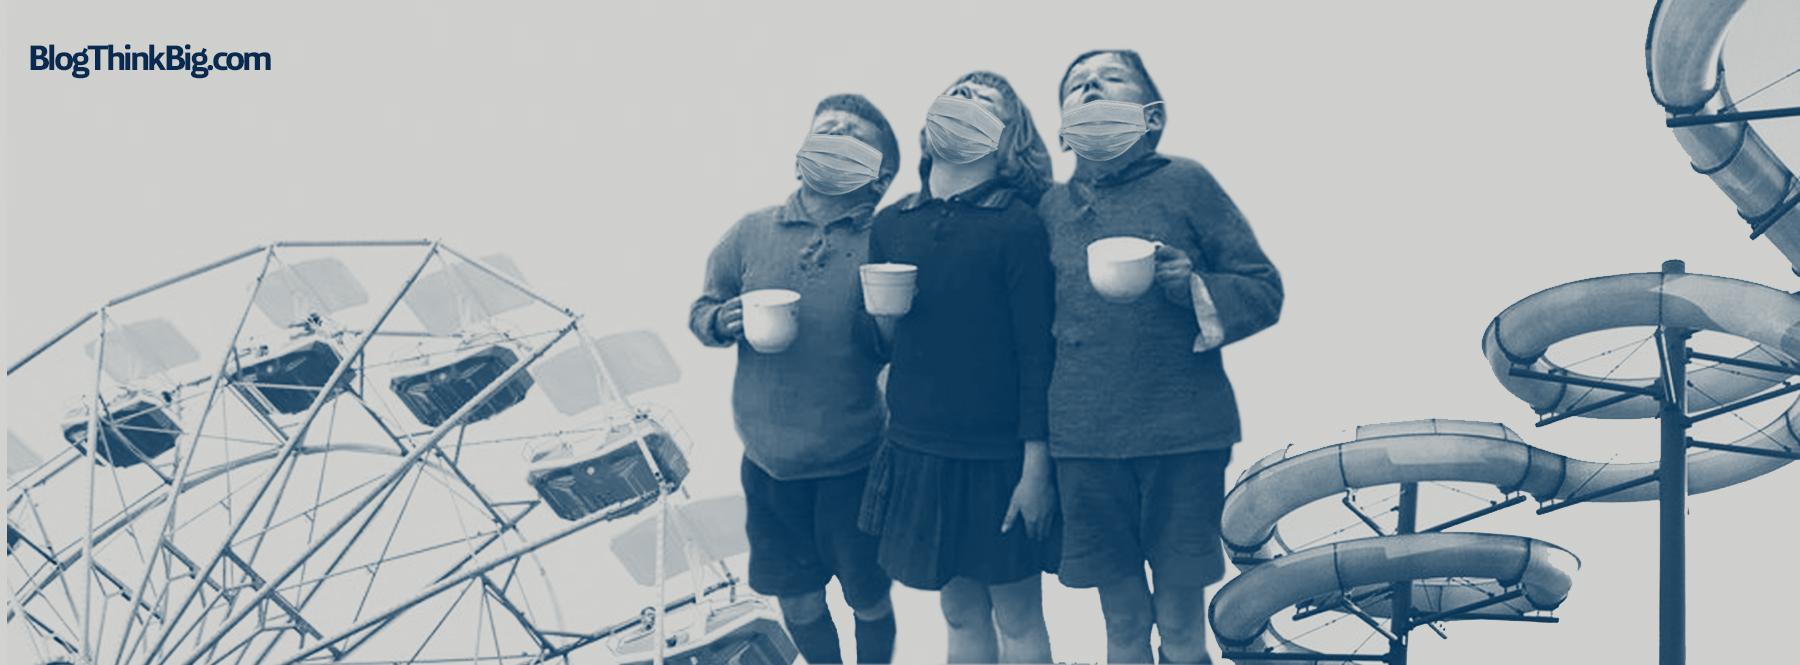 ¿Ha cambiado la pandemia nuestra forma de entretenernos en Internet?